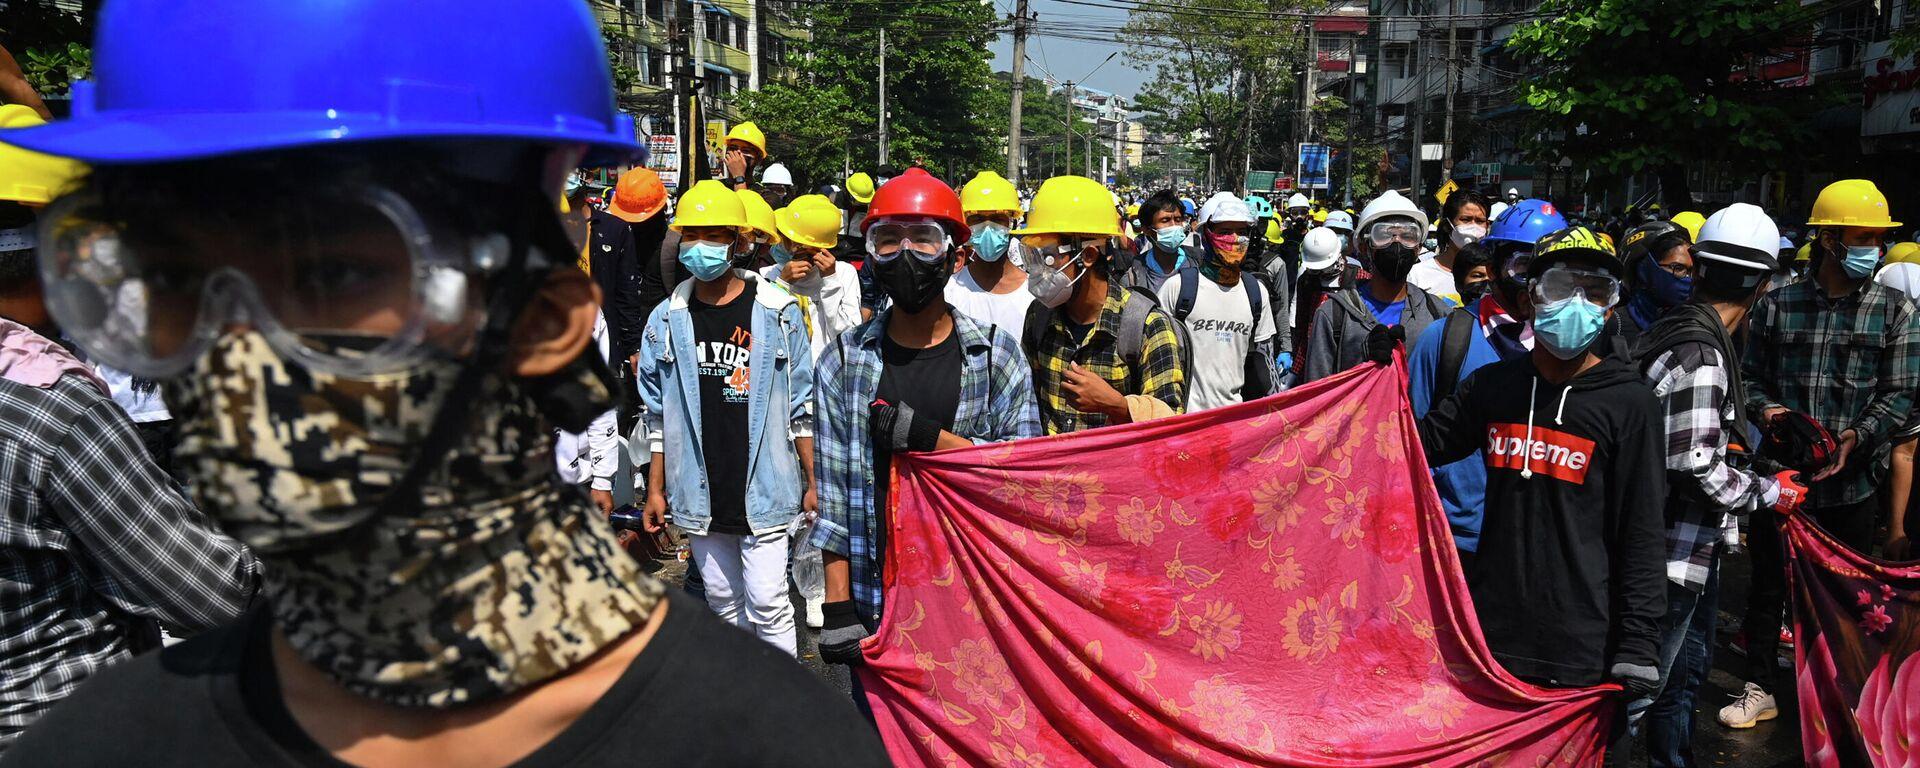 Proteste in Myanmar - SNA, 1920, 01.08.2021